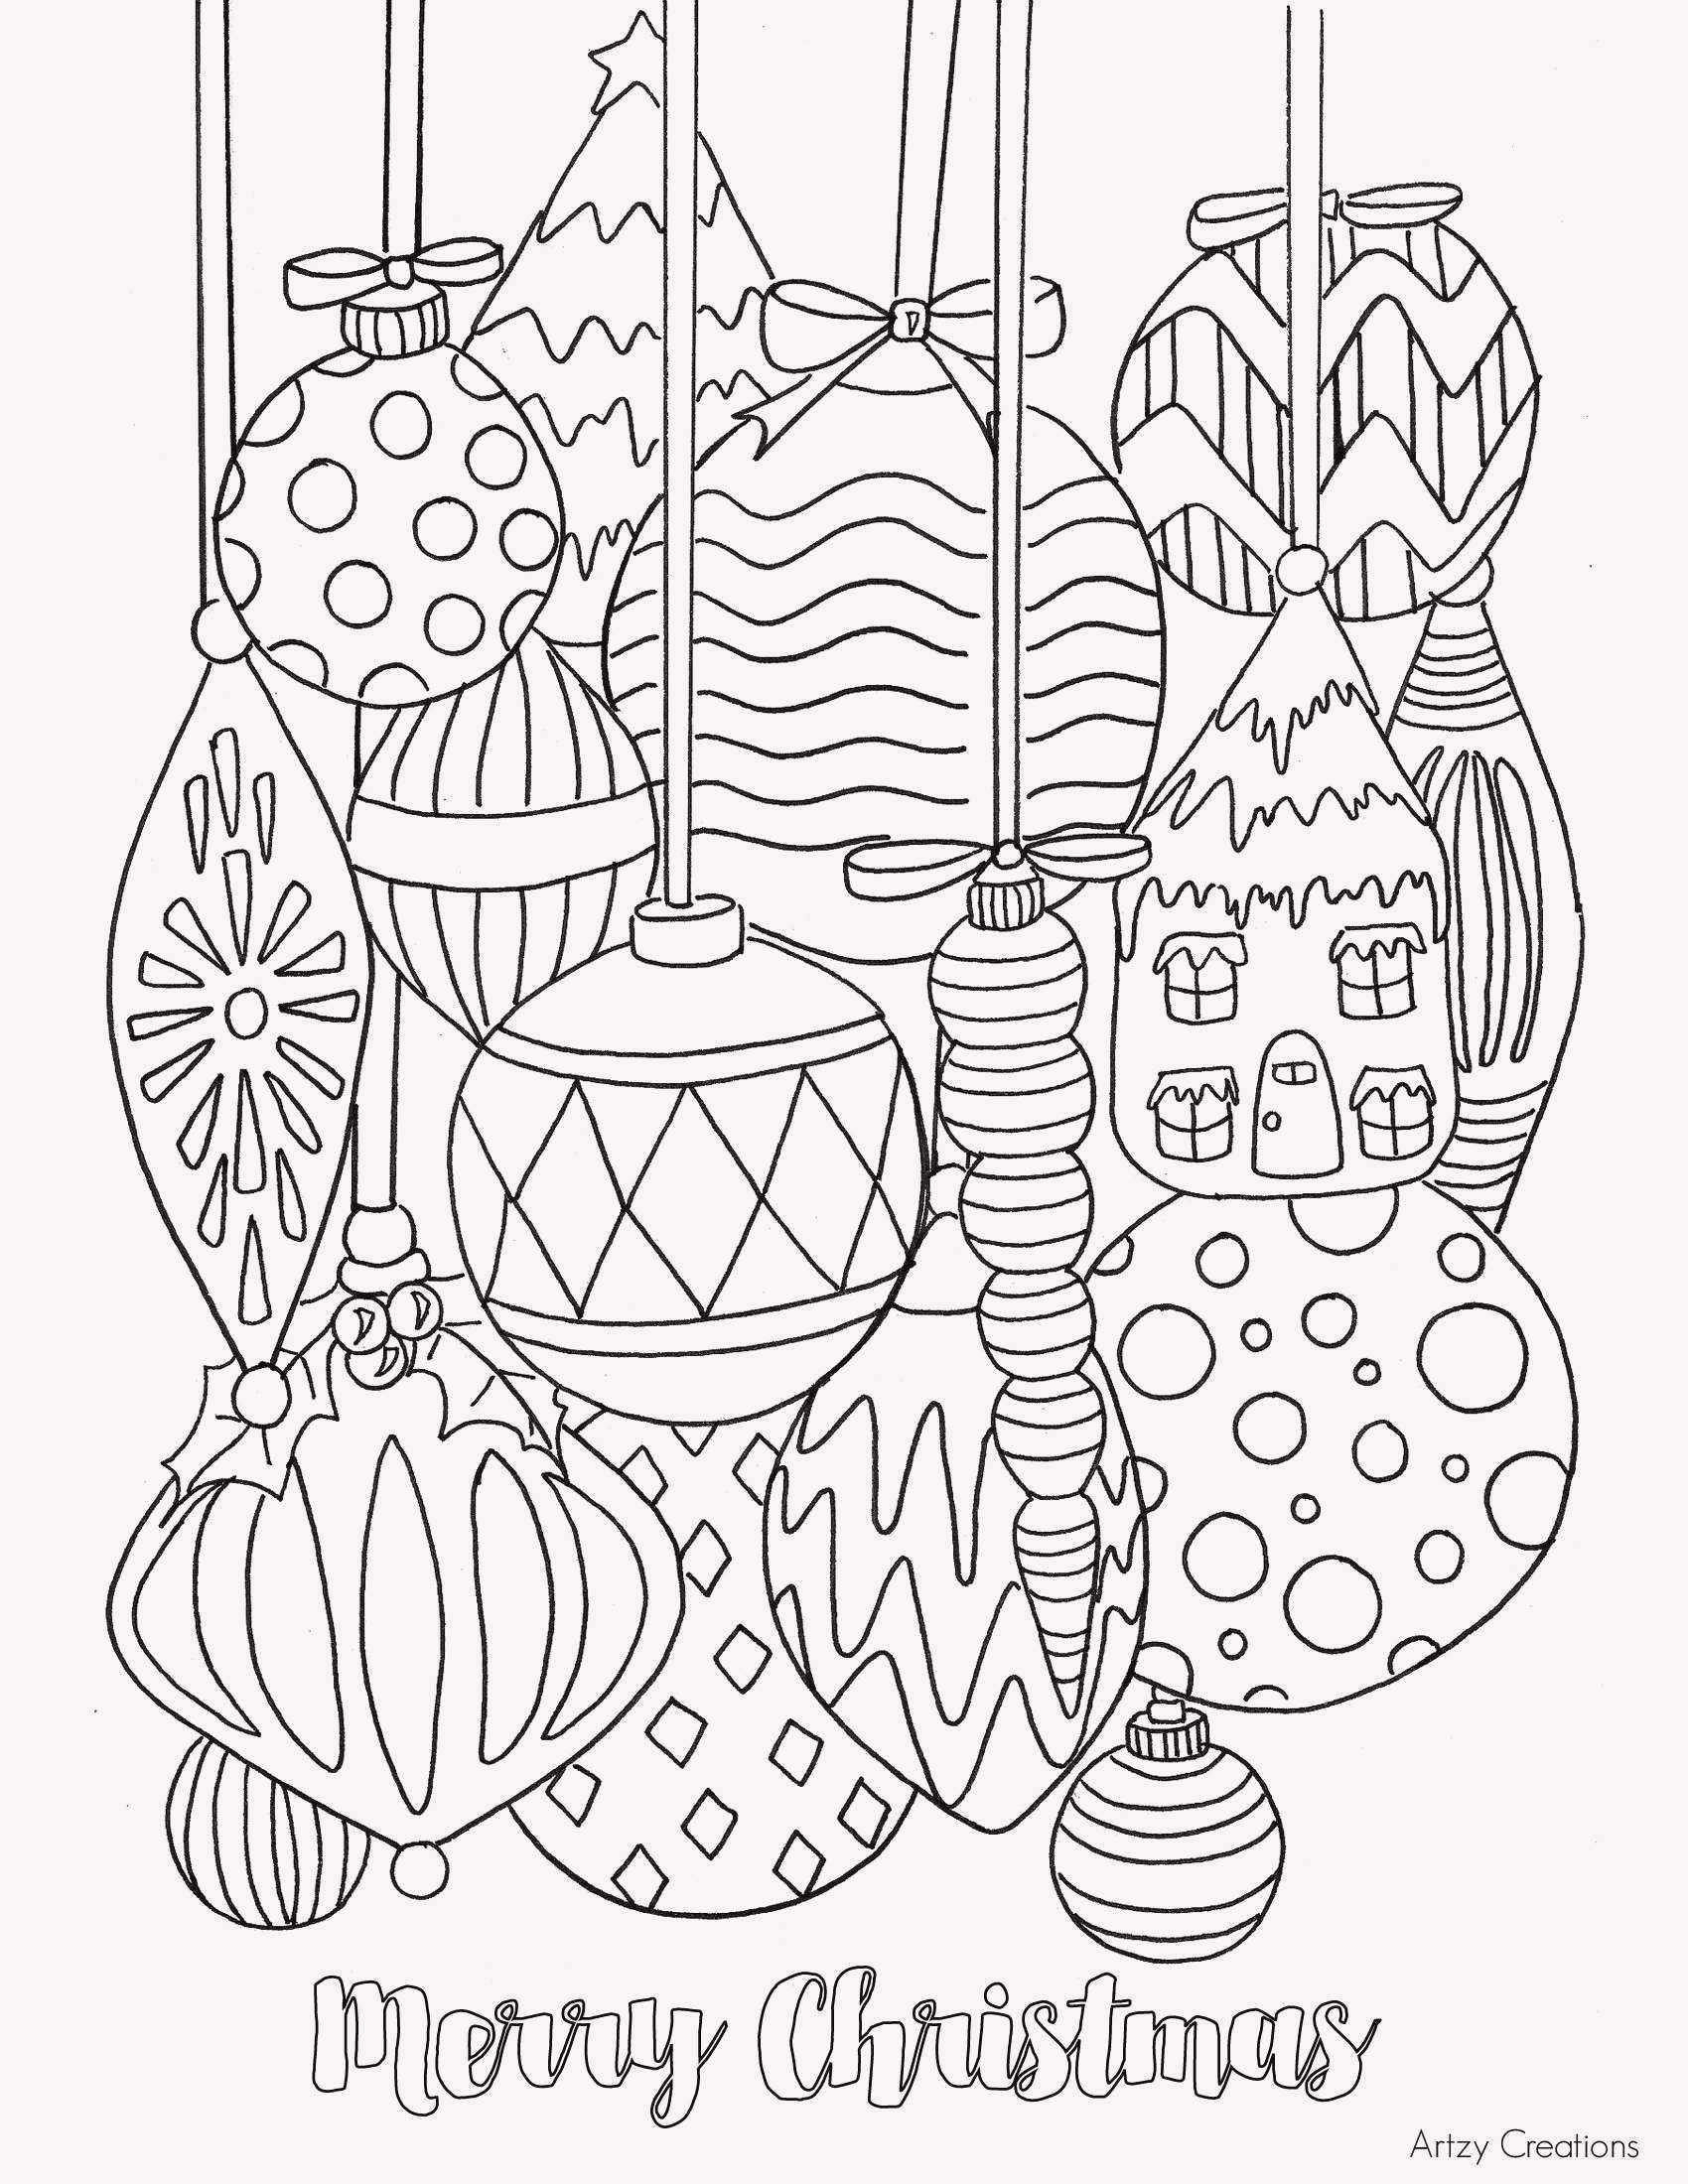 Ausmalbilder Weihnachten Engel Frisch 25 Erstaunlich Ausmalbilder Violetta Weihnachten Inspiration Von Sammlung